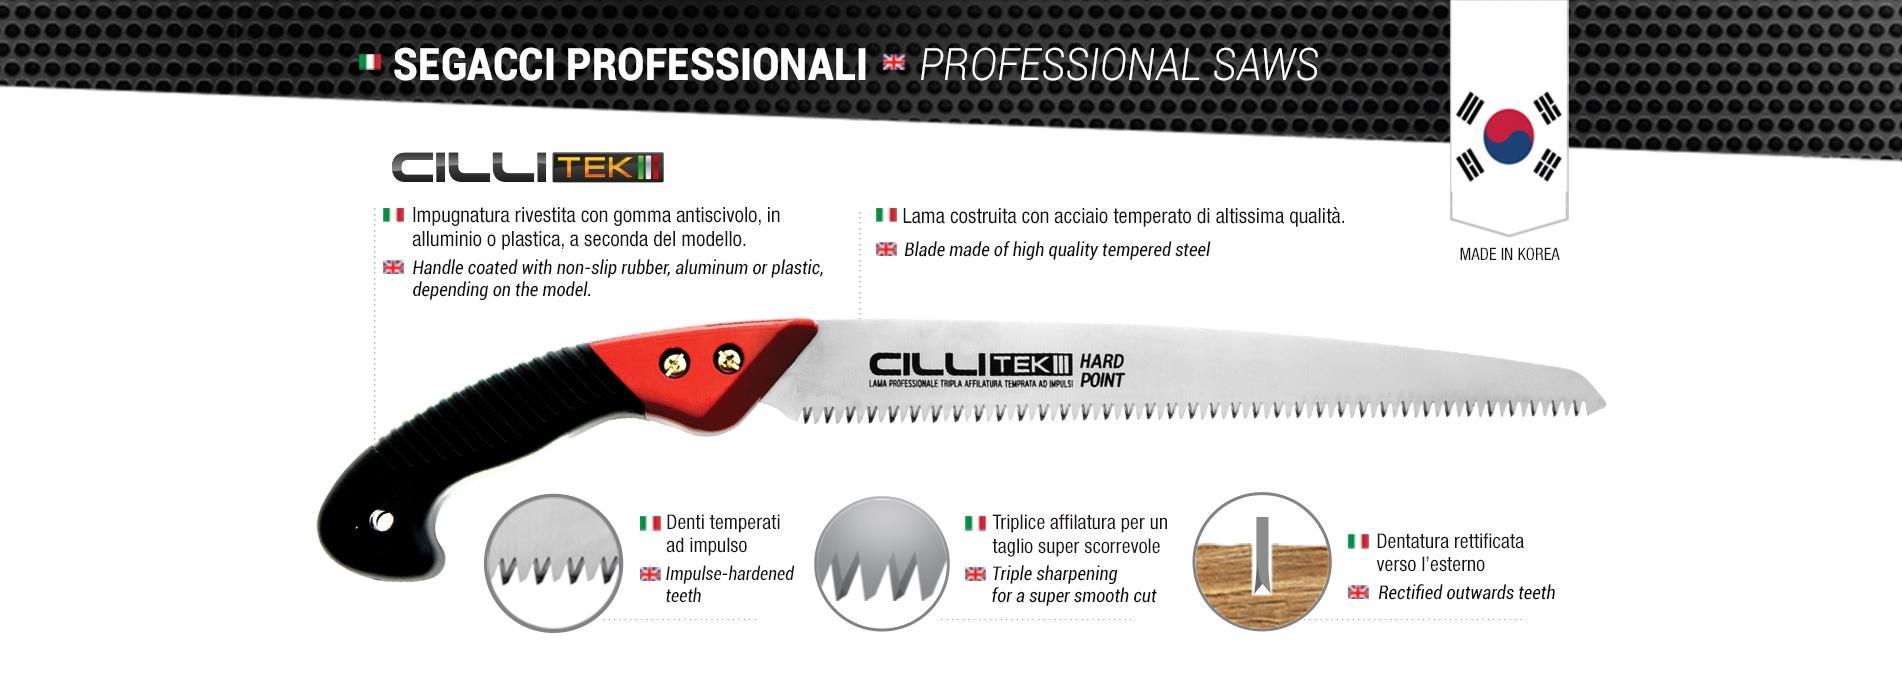 Segacci Professionale Cillitek